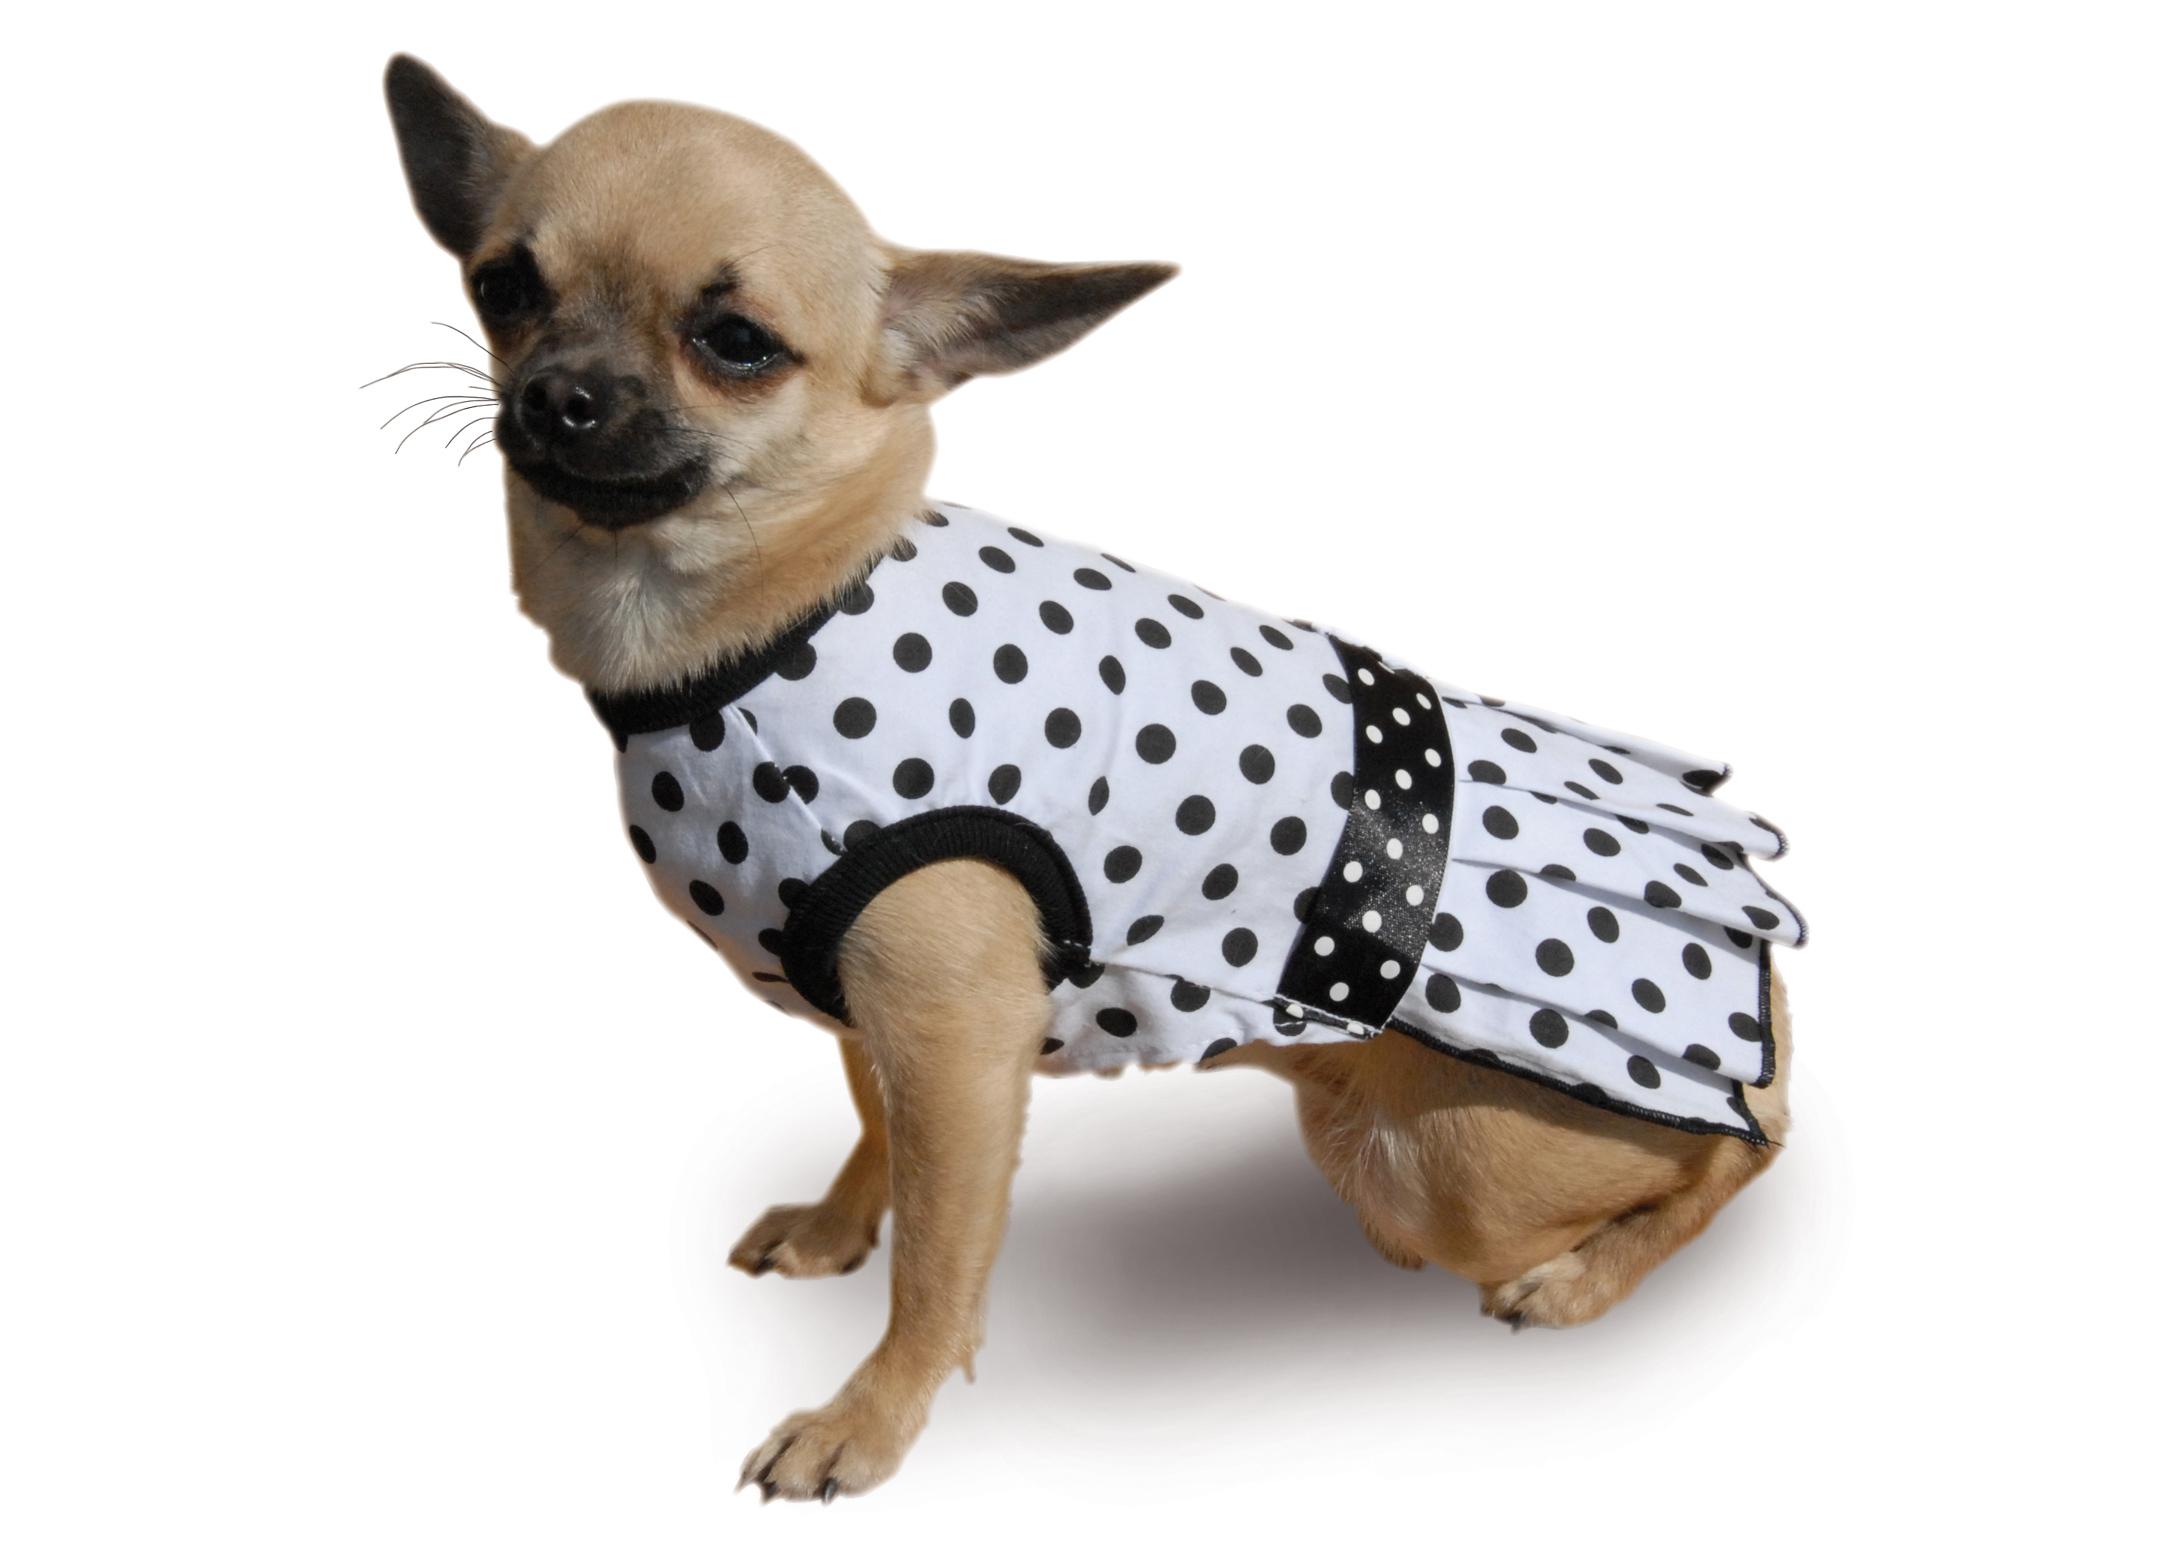 Max+Co Robe Poka Dot Vêtements Pour Chiens